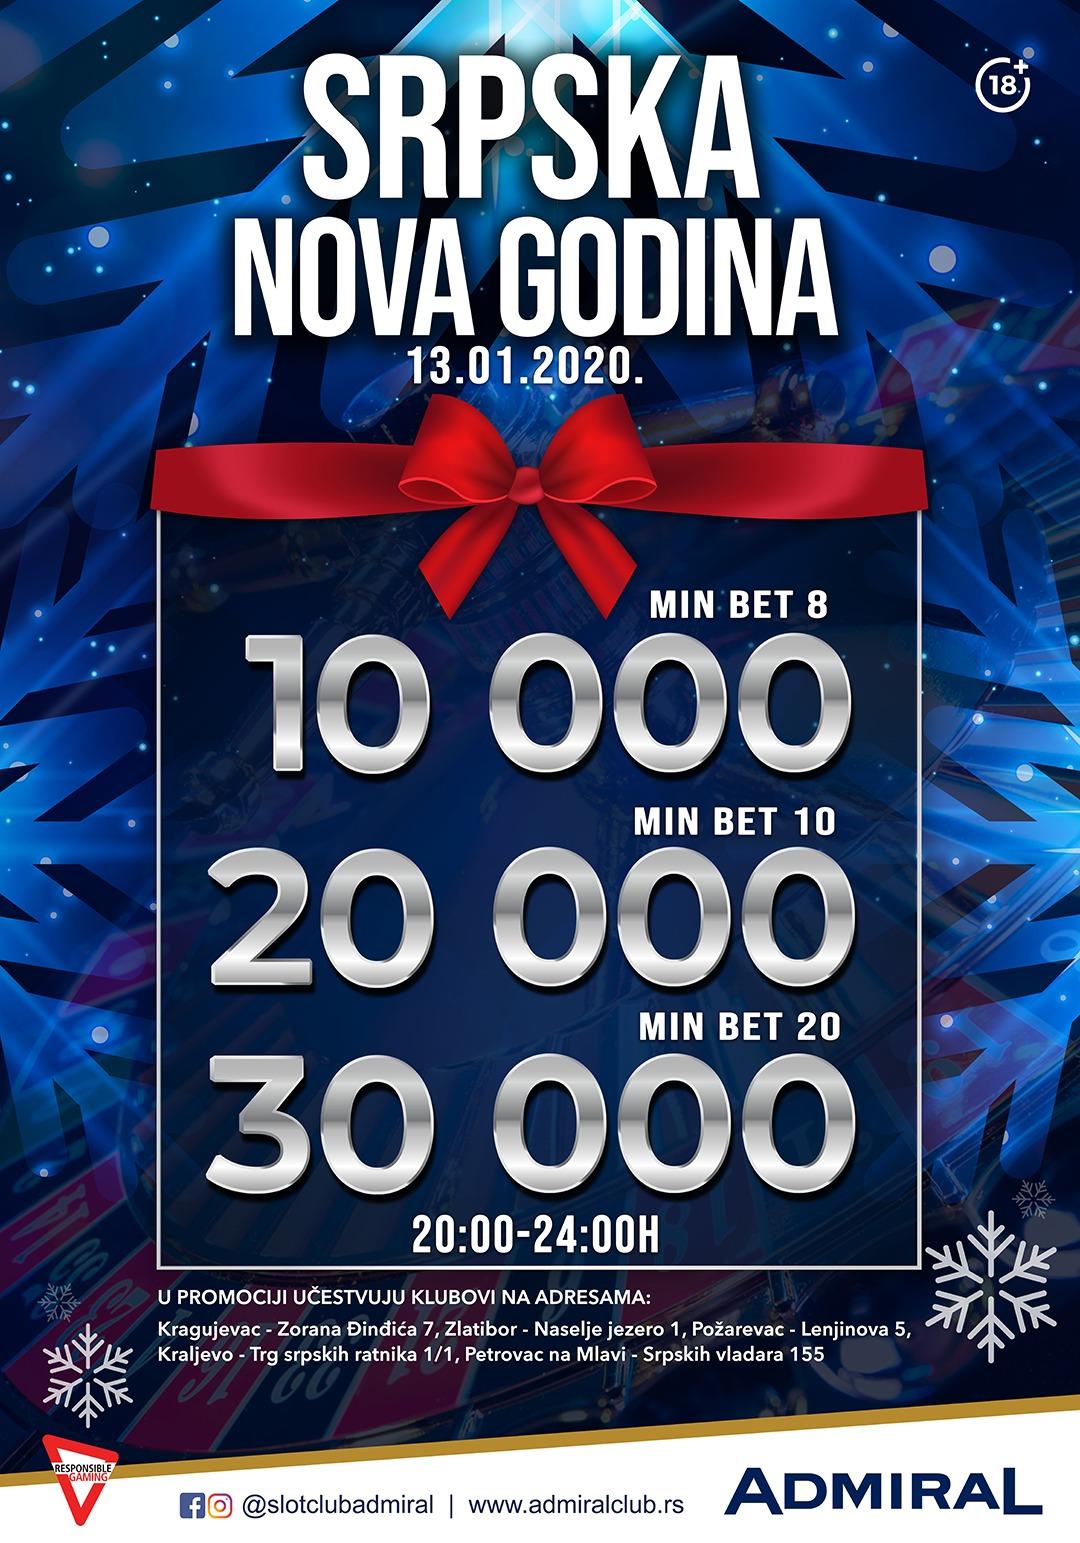 Srpska nova godina 2